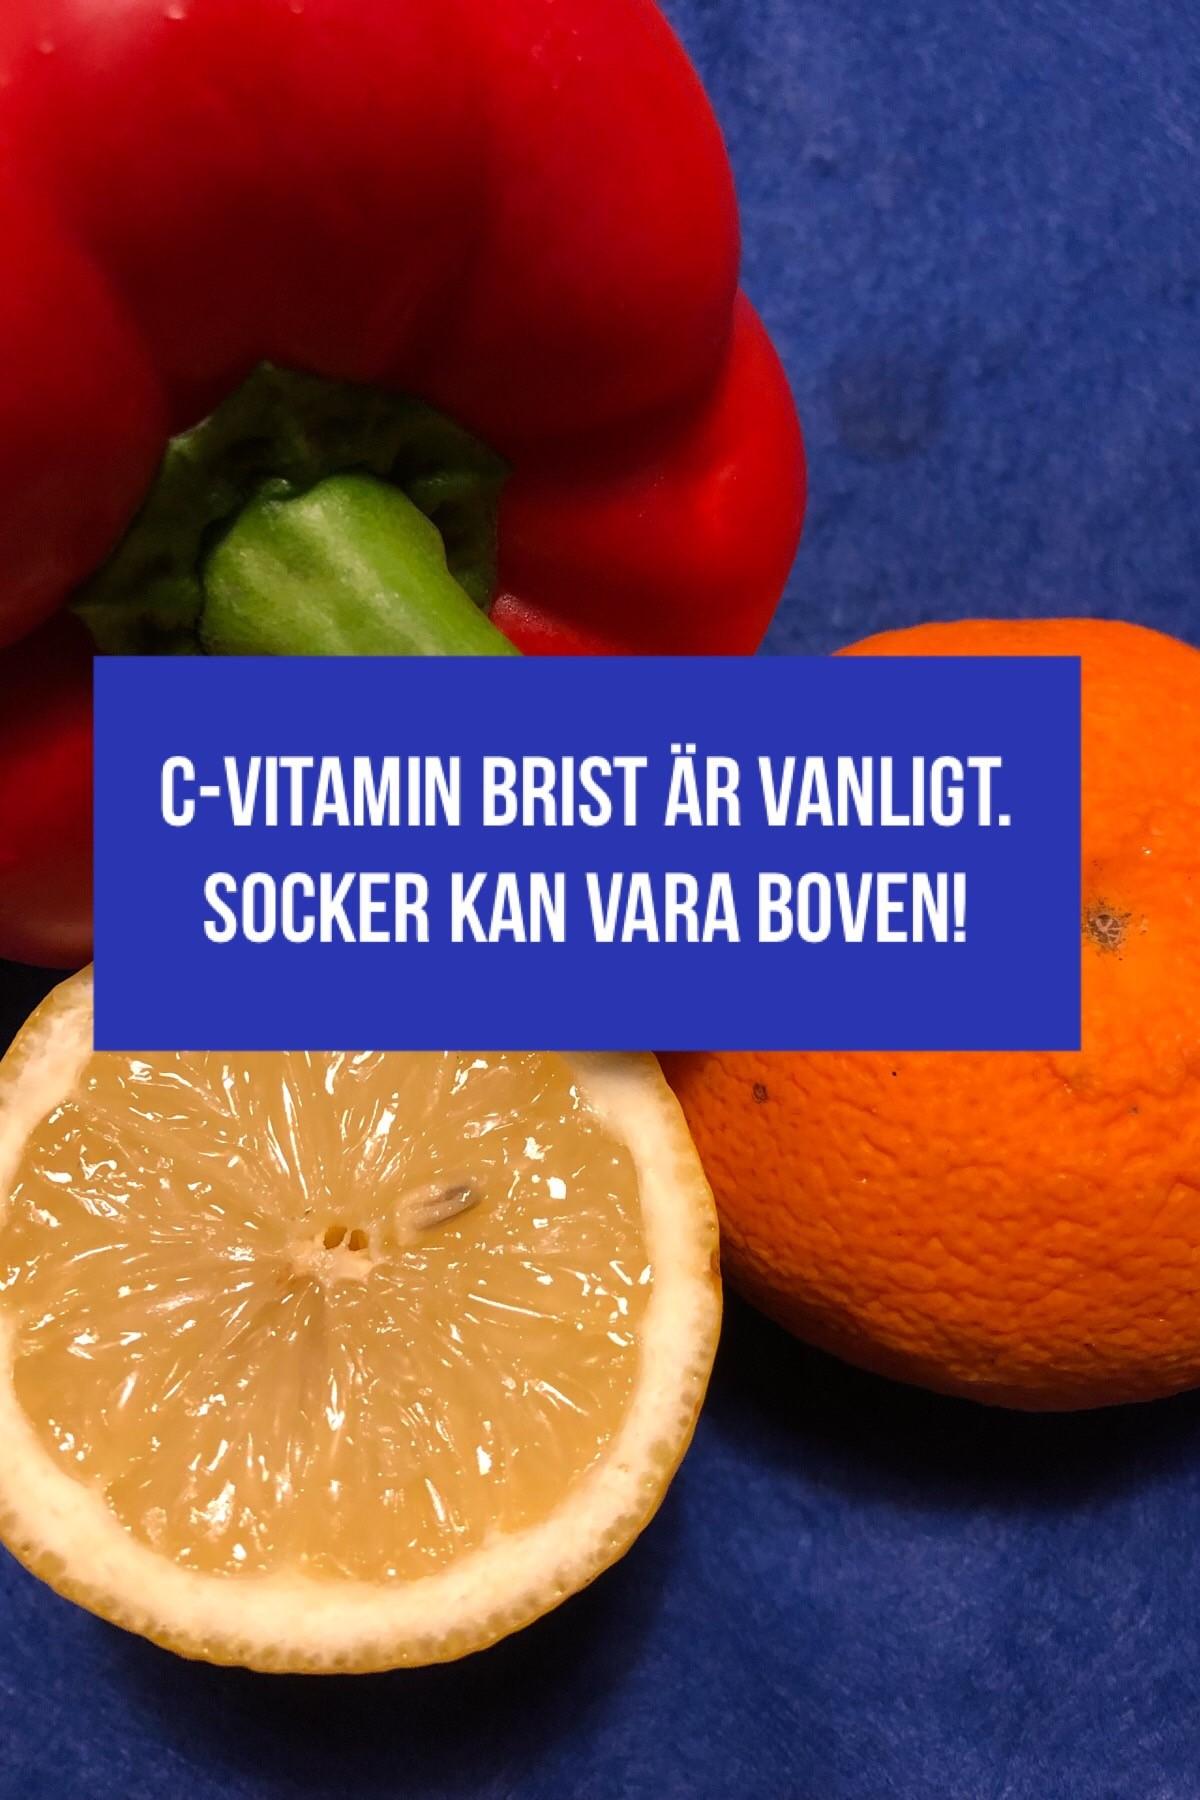 Vår moderna kosthållning kan orsaka C-vitaminbrist